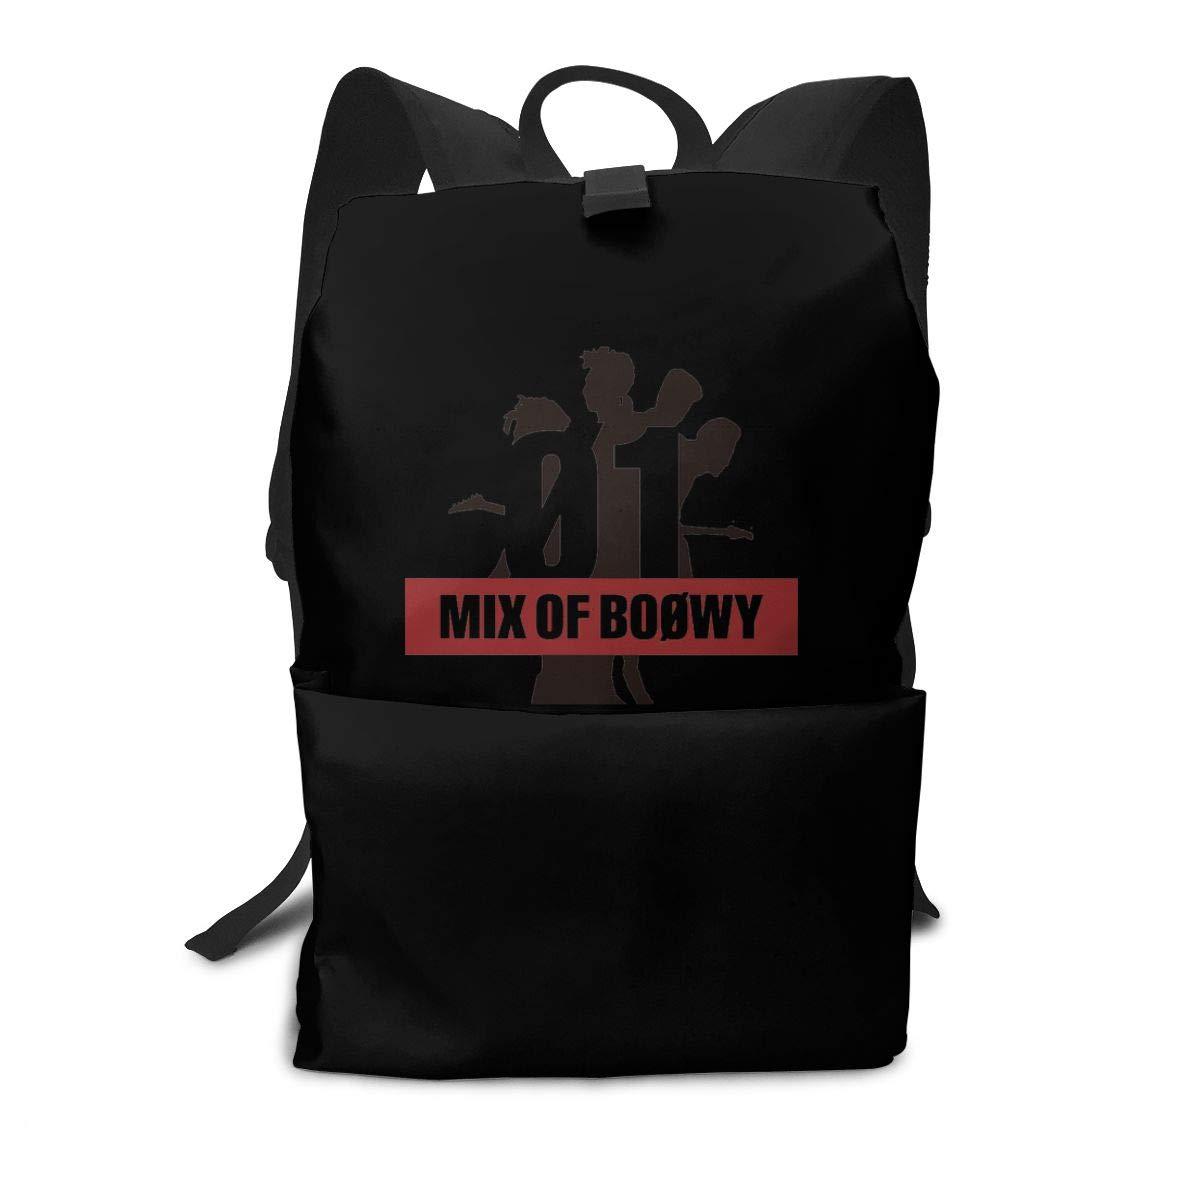 バックパック Mix Of Boowy ボウイ リュックサック 通学 通勤 スポーツ 大容量 カジュアル メンズ 旅行 通販 Lineポイント最大0 5 Get Lineショッピング